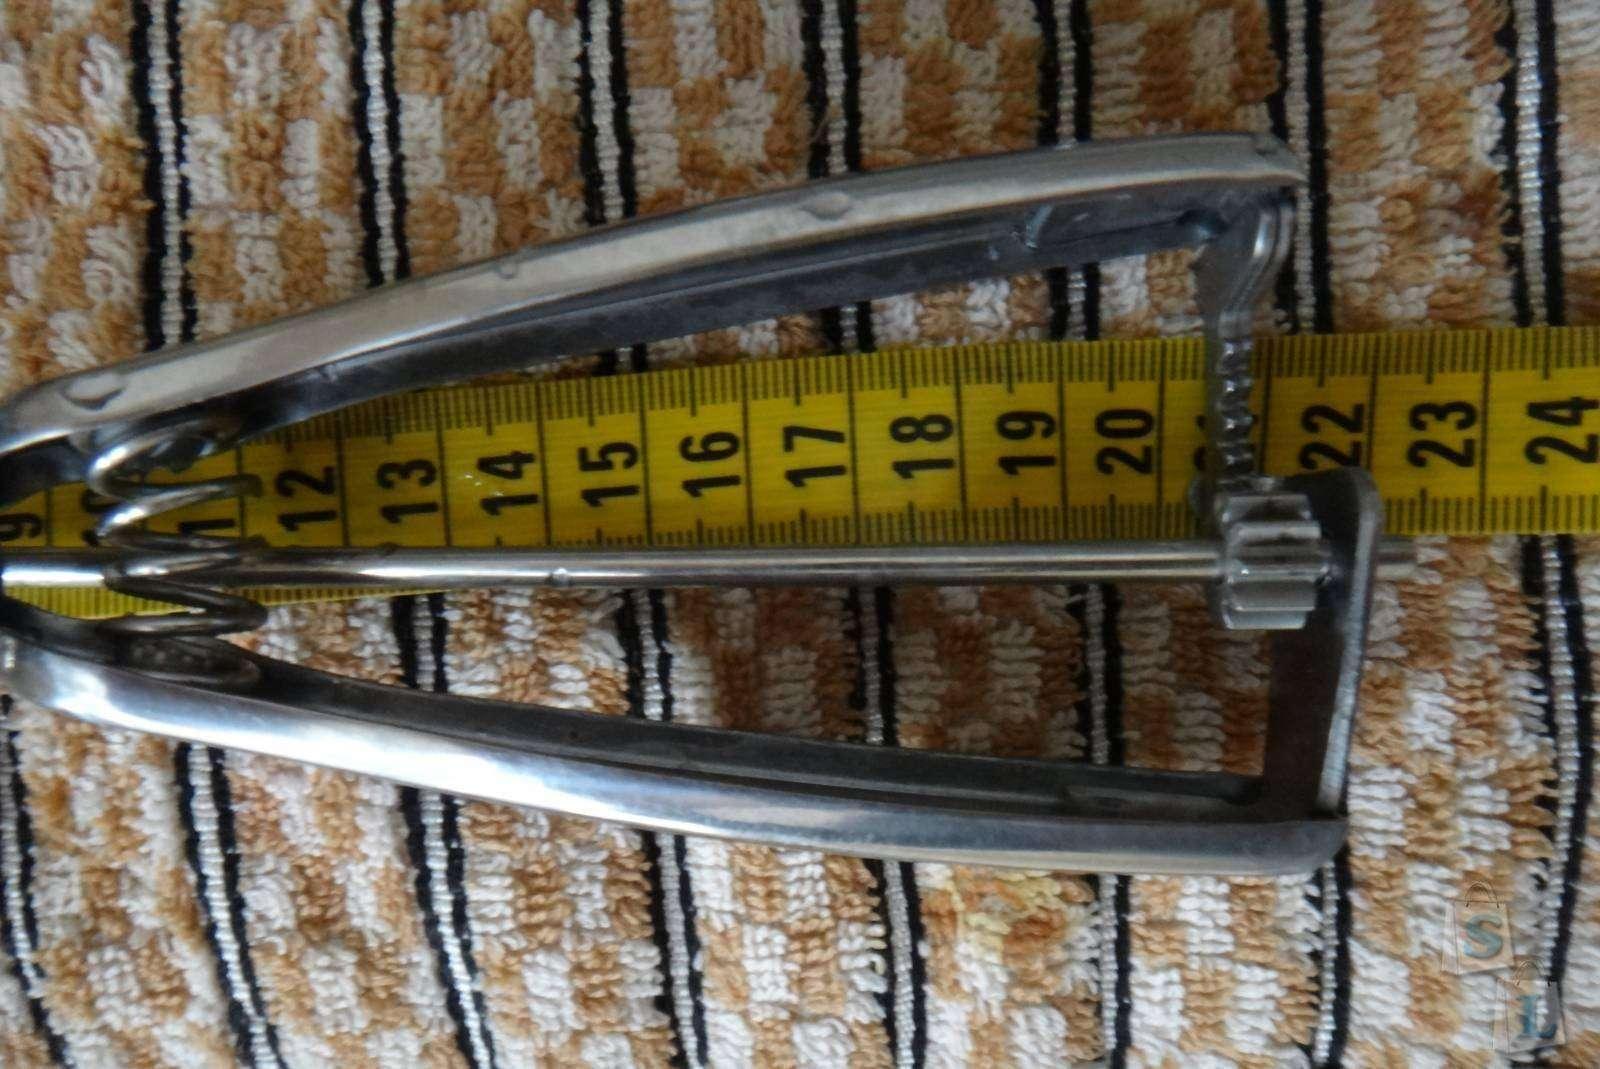 Banggood: Обзор механической ложки для мороженого, диаметр 60мм